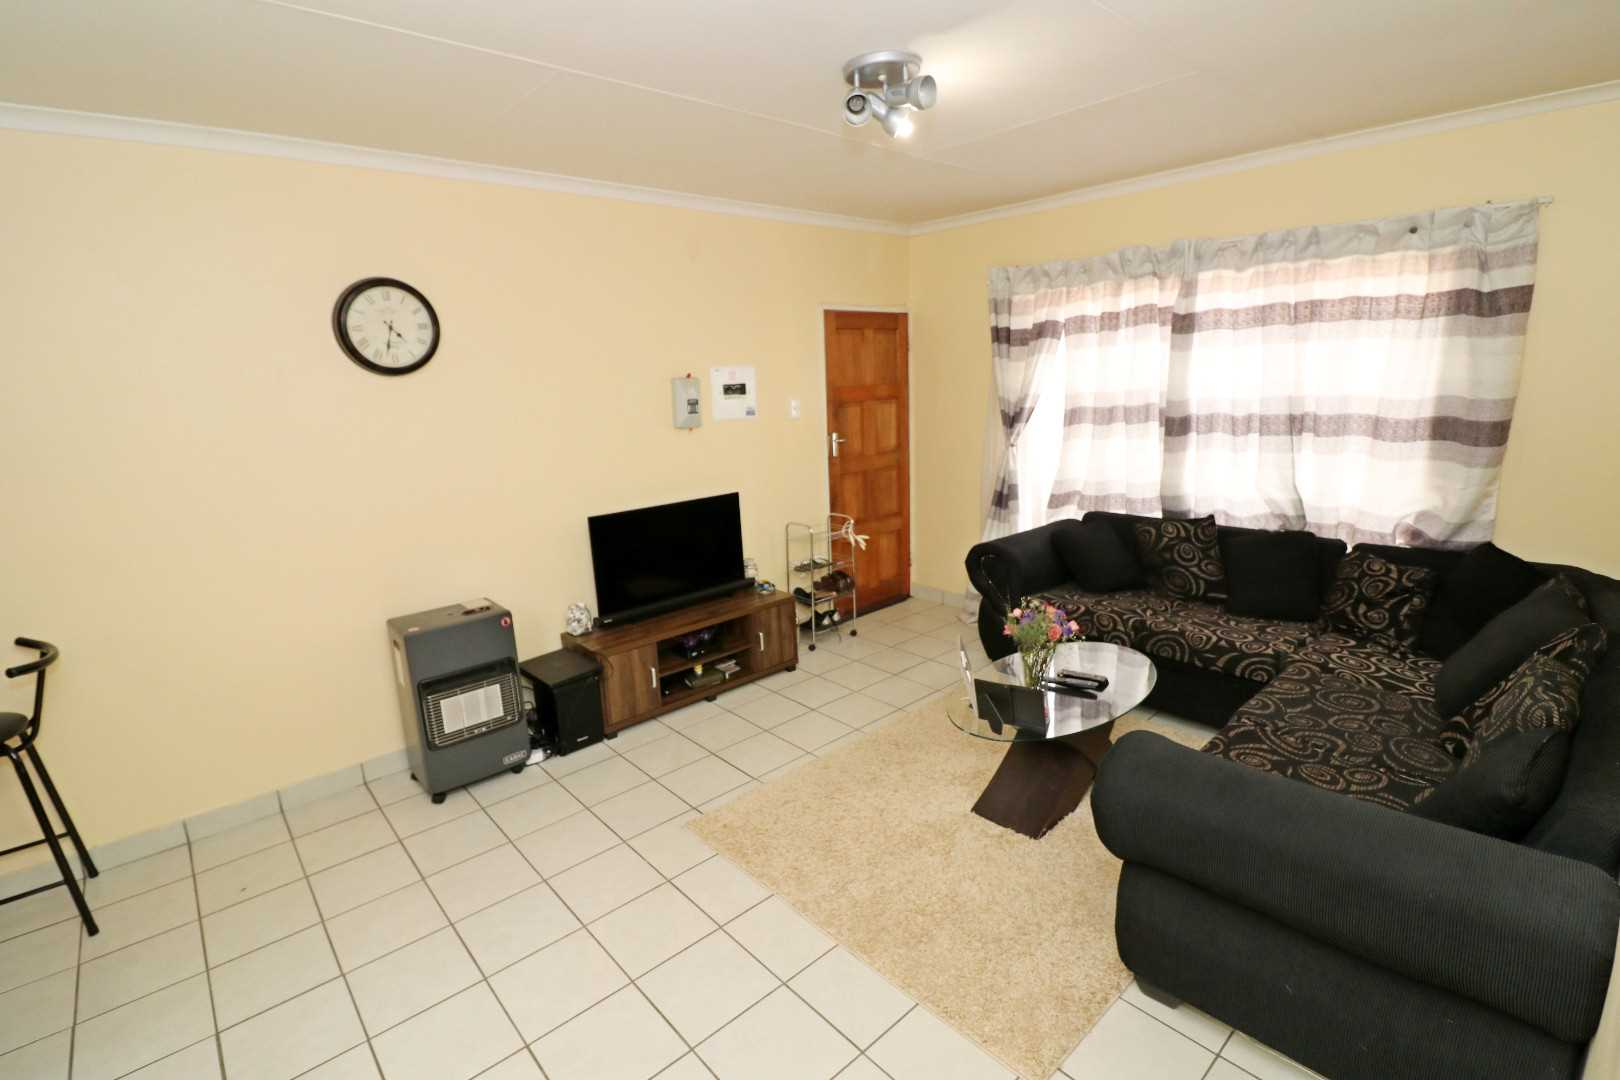 2 Bedroom corner unit 2nd floor in Kempton Park